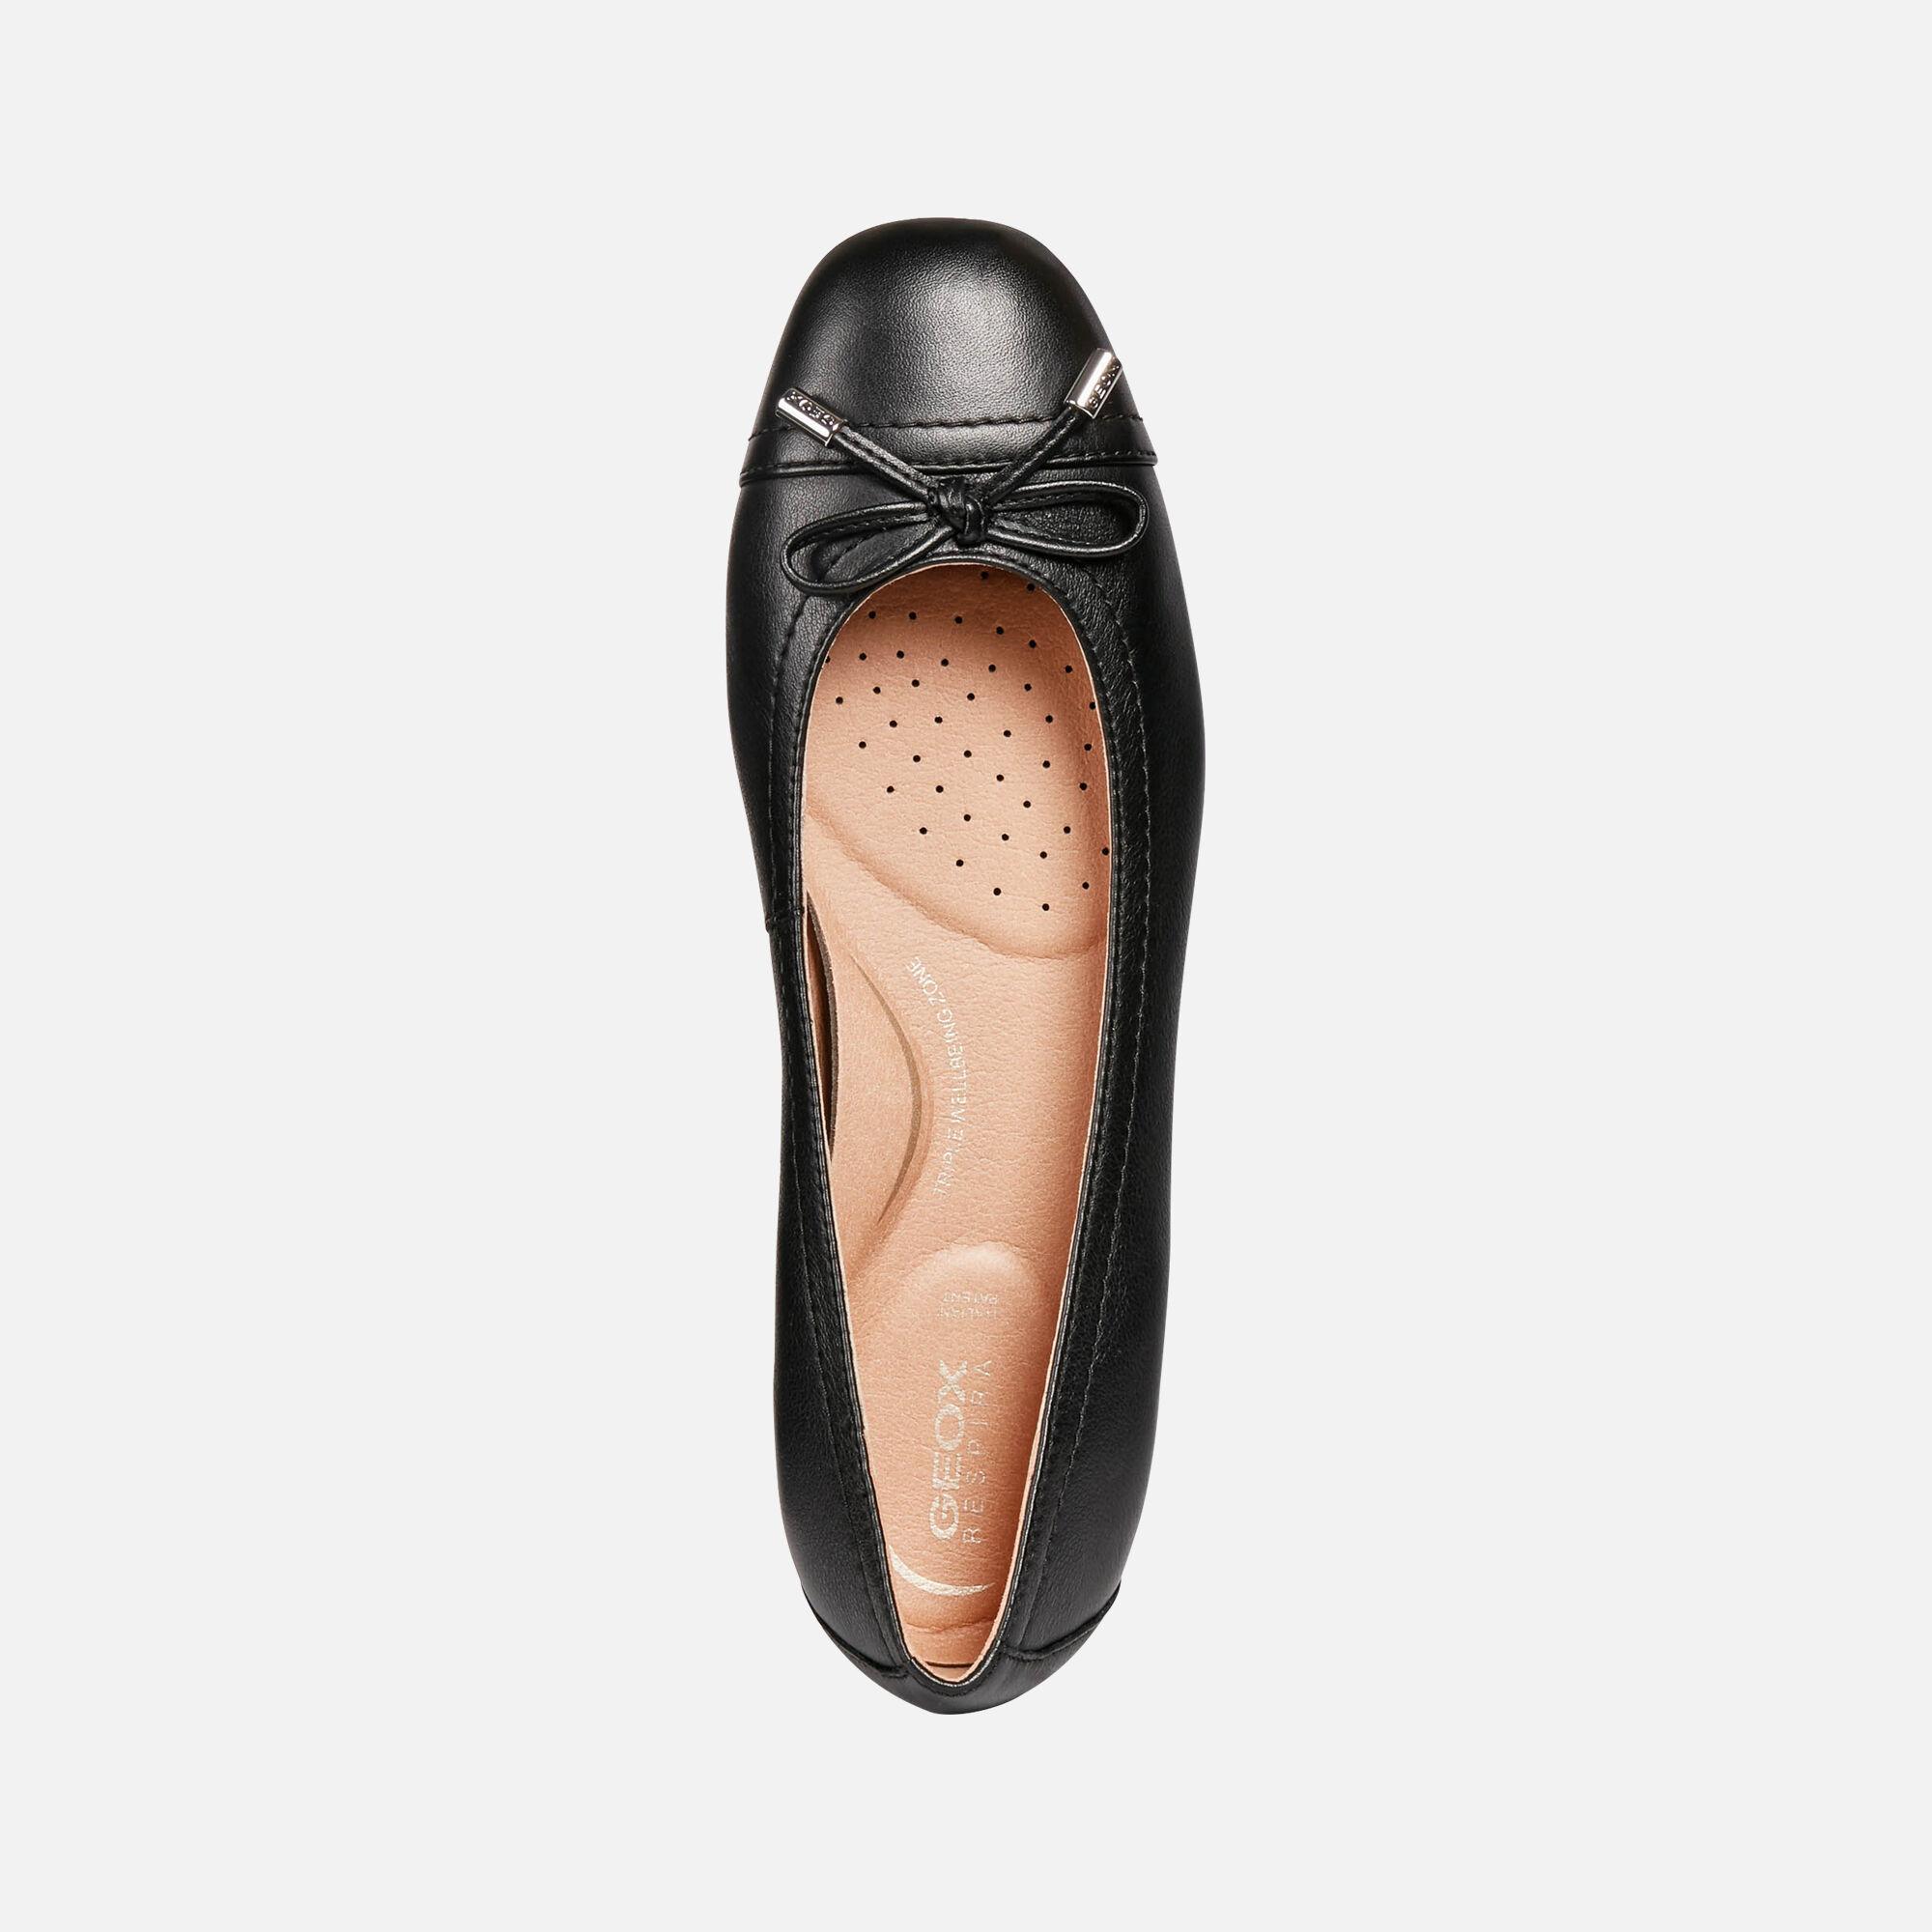 Schuhe in der Schweiz bestellen Ballerinas Für Damen Geox